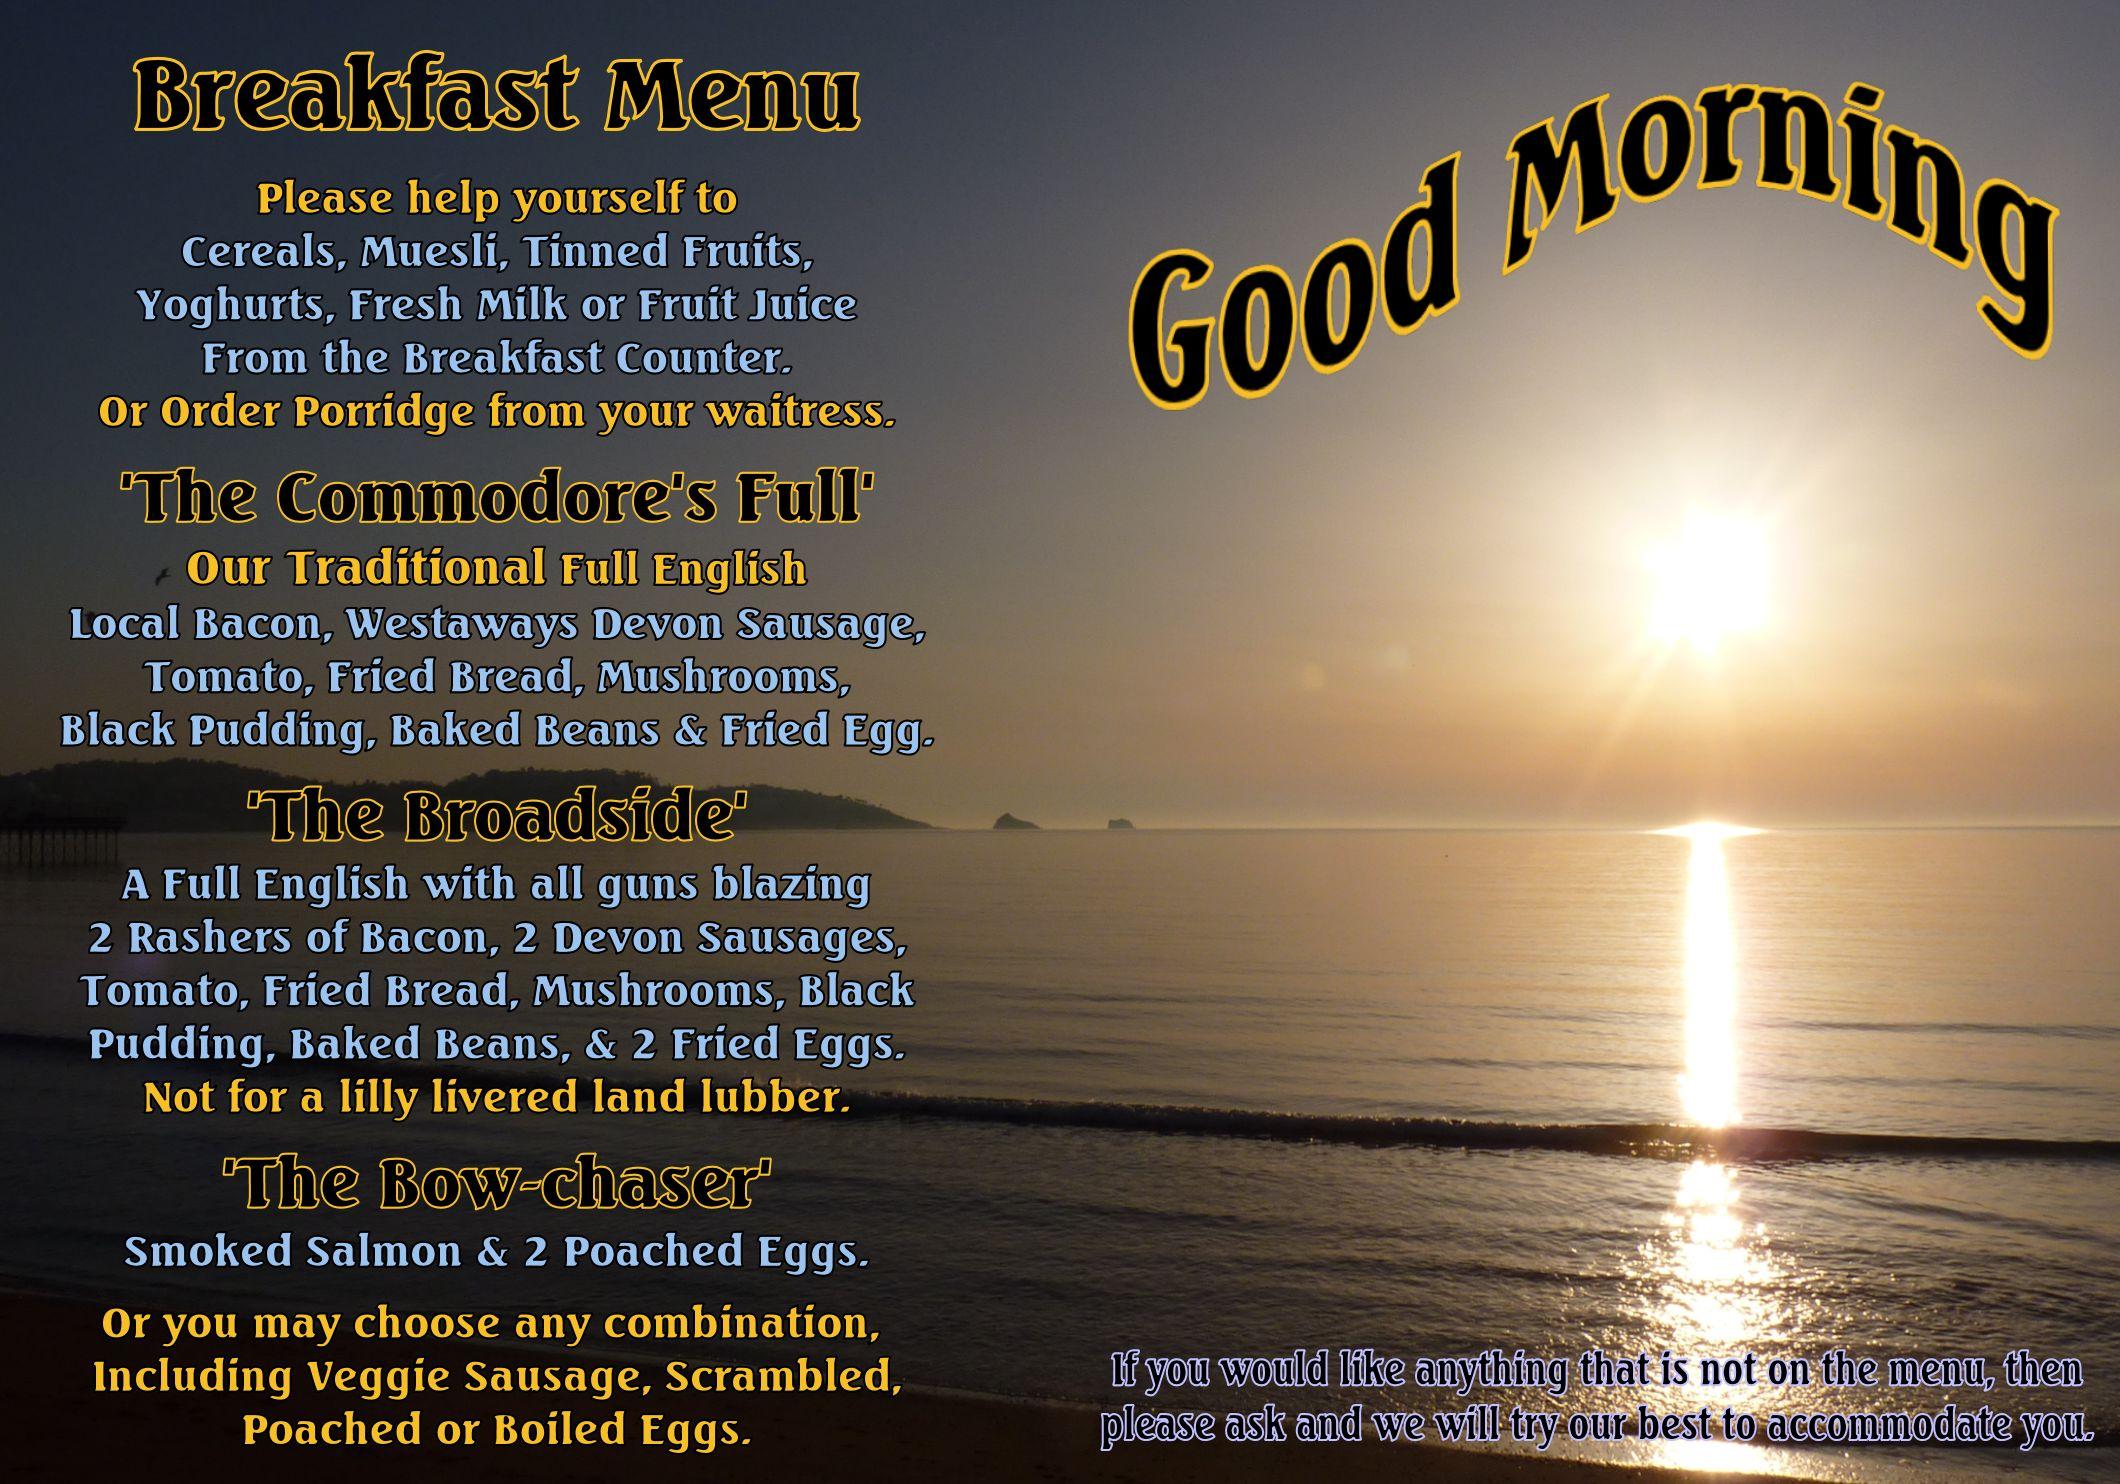 The Commodore Breakfast